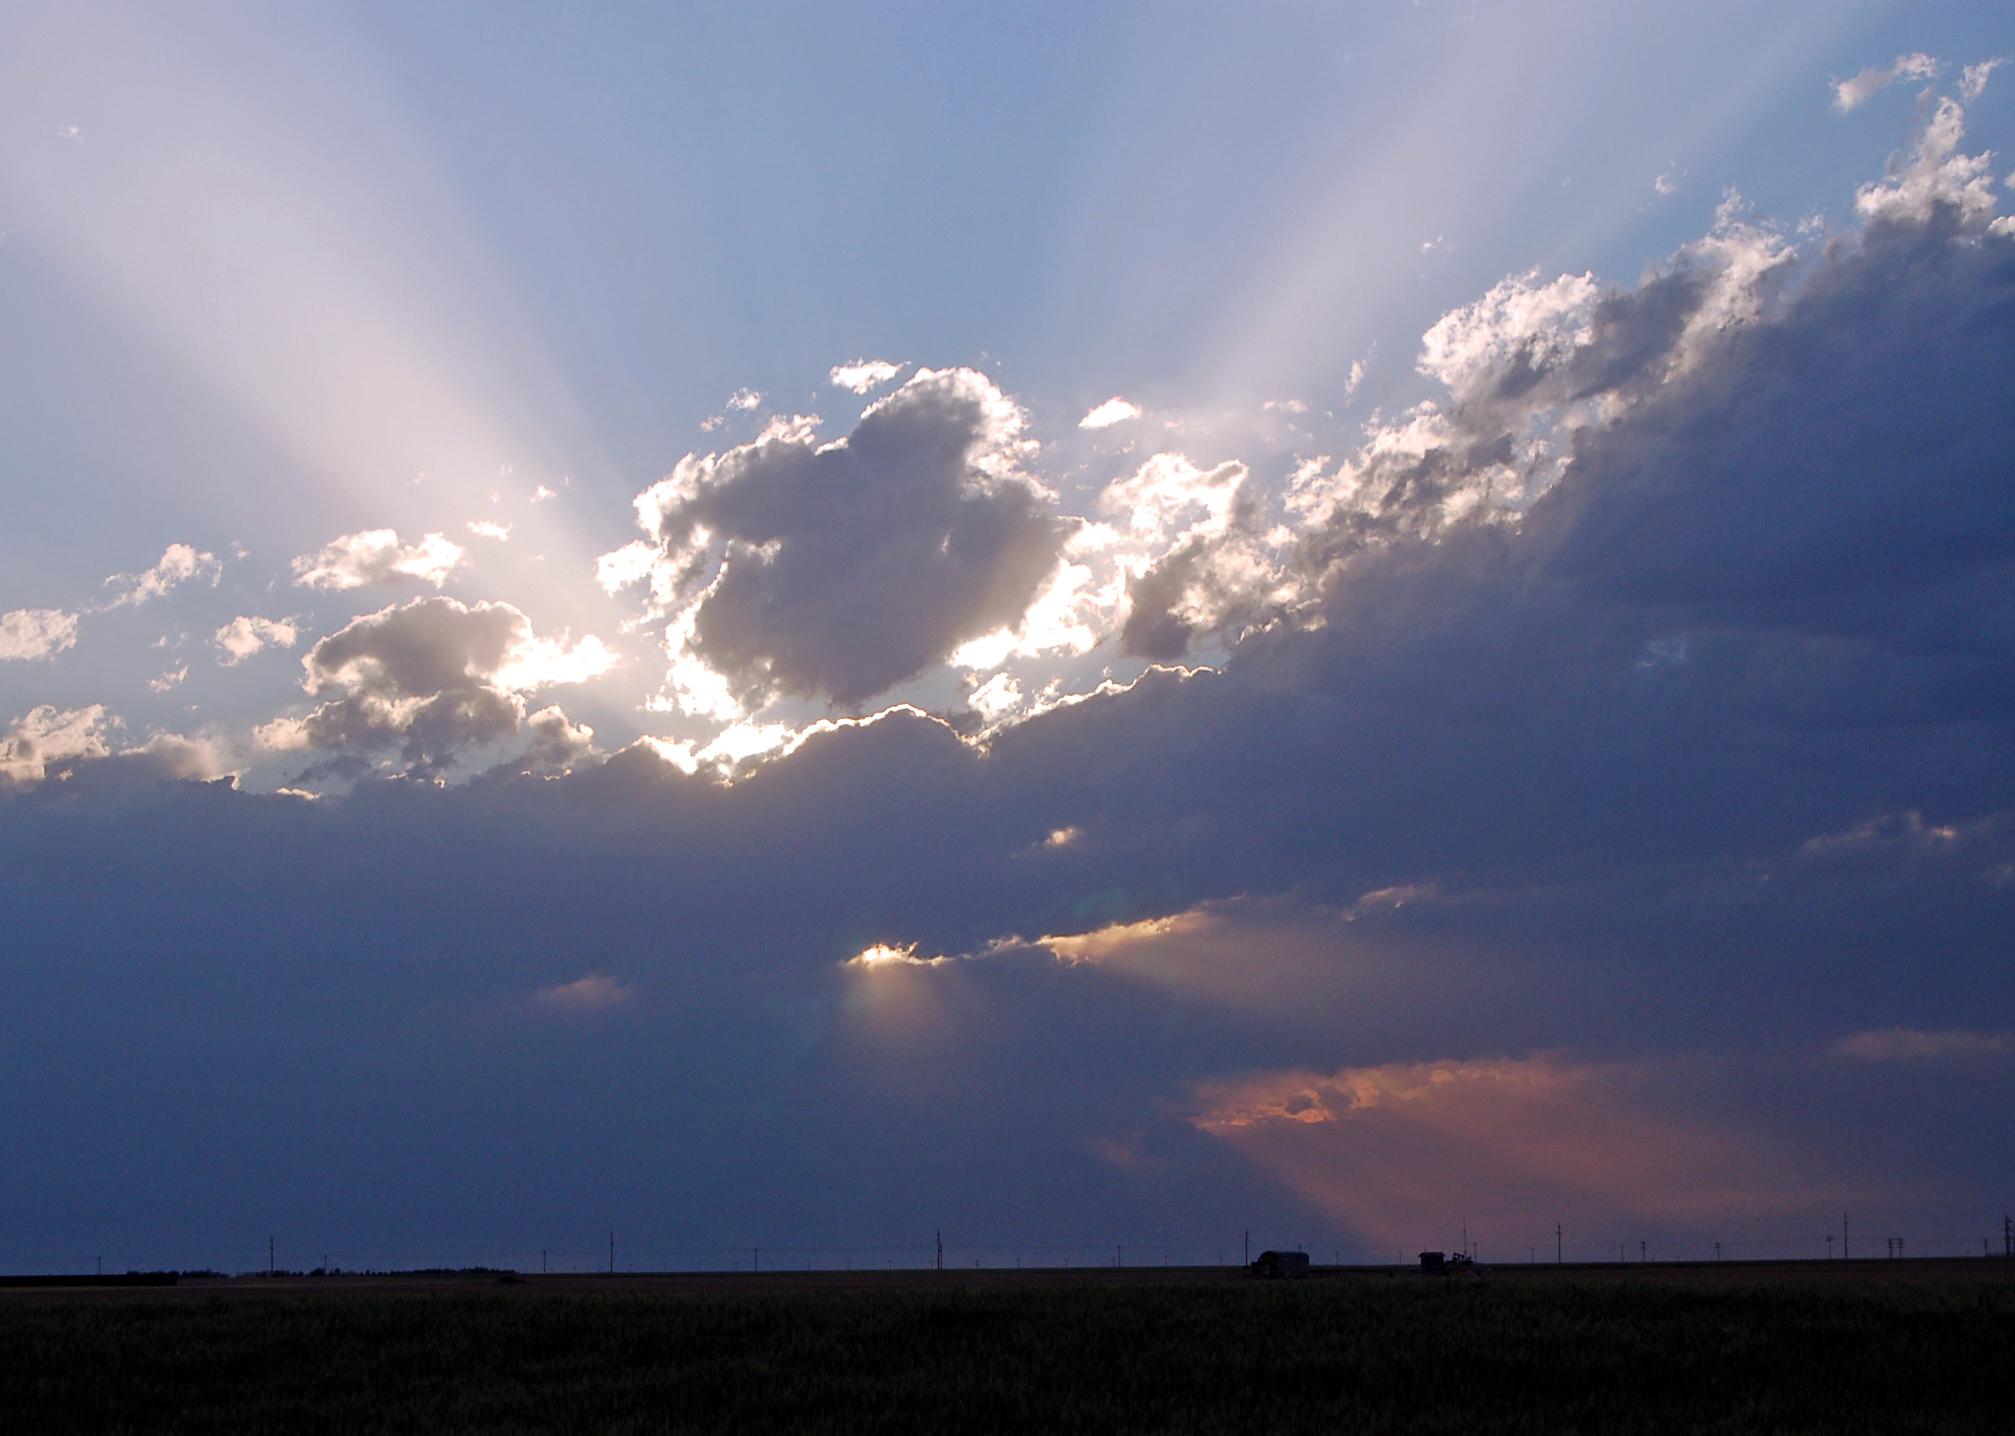 ulysses ks usa sunrise sunset times